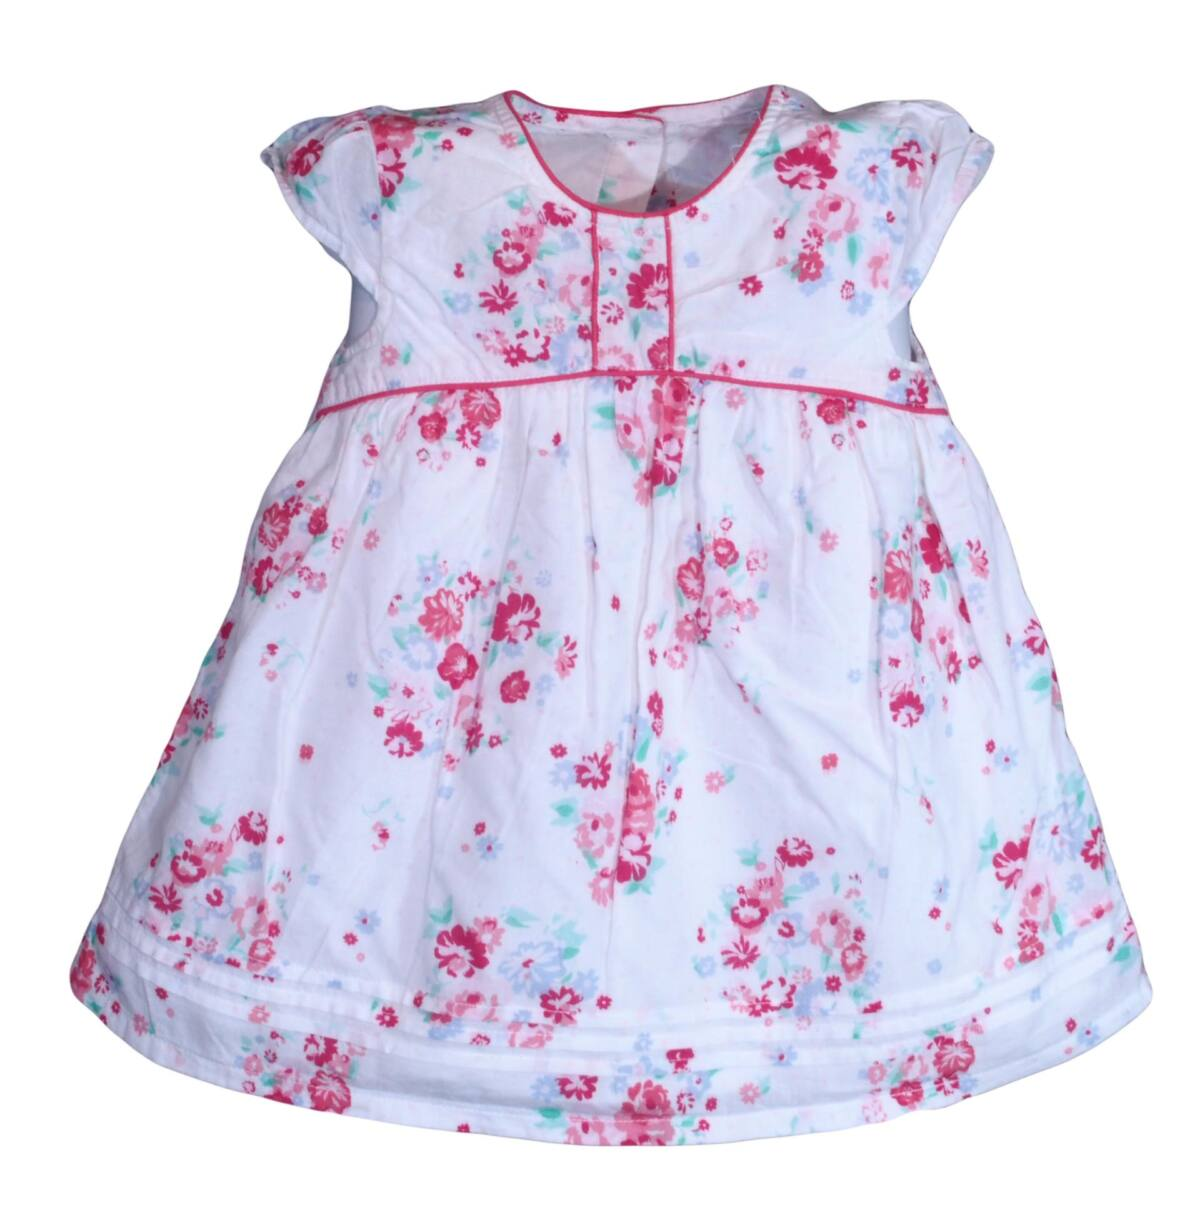 442ee06655 Lány ruhák - Új Gyerekruha Webshop